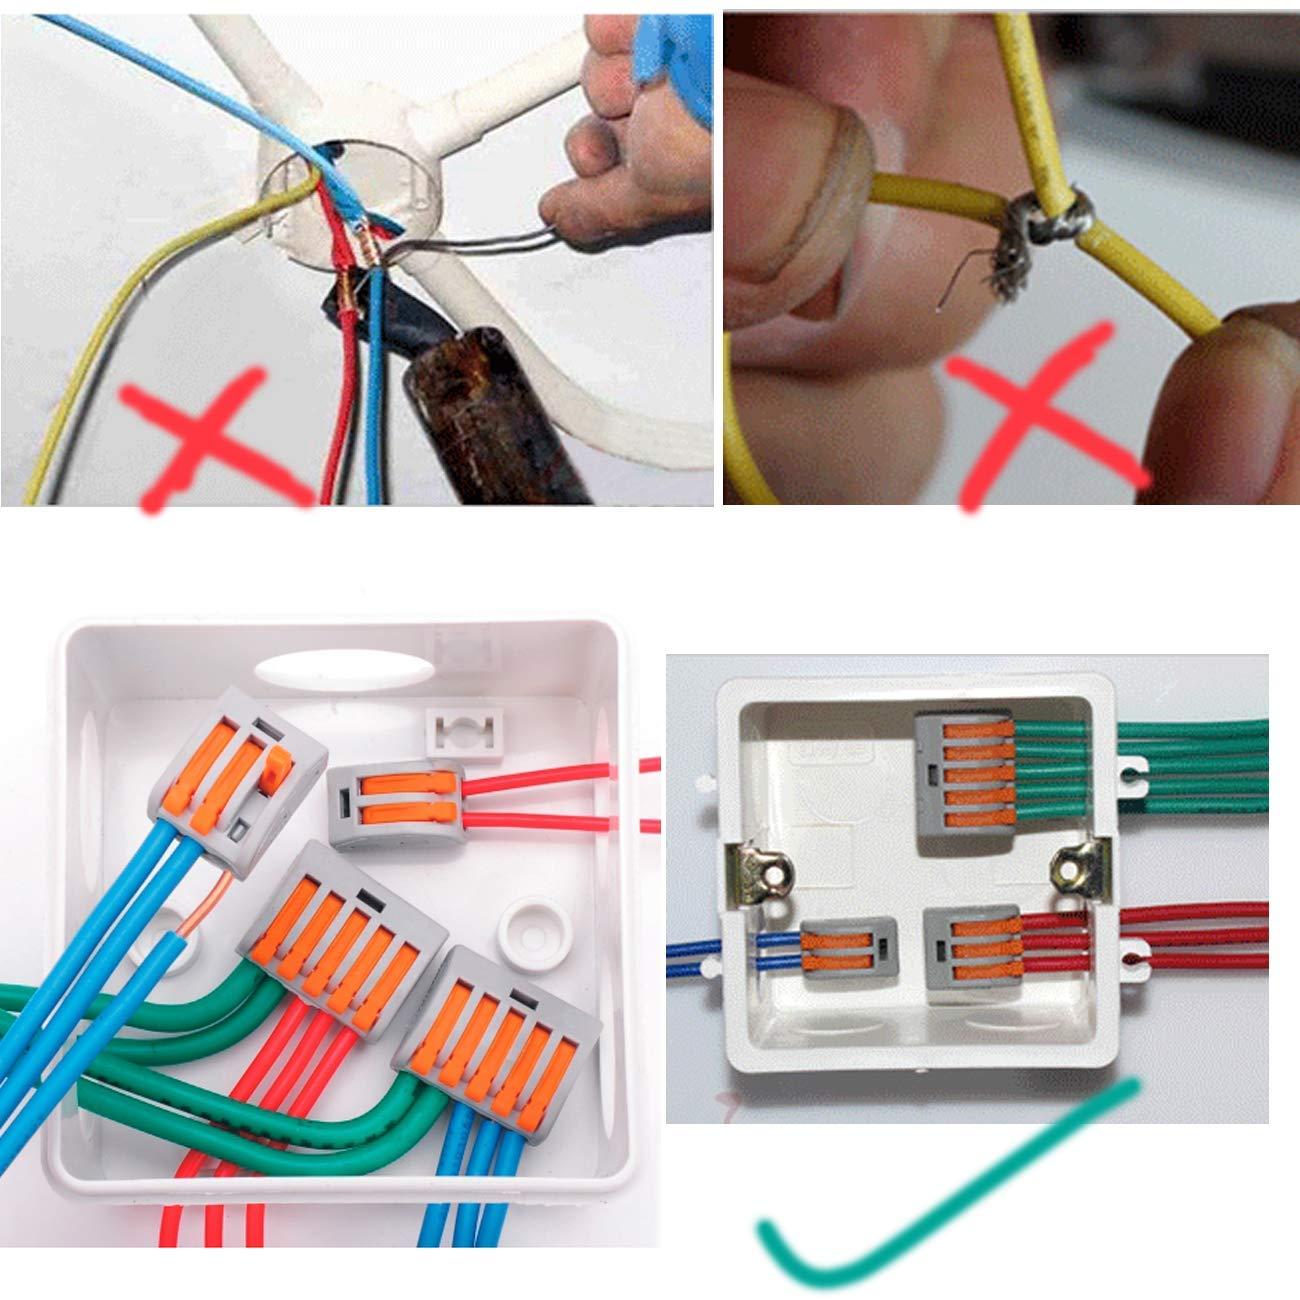 Bornes de Connexion Automatique Assortiment Rapide teur Electrique Levier C/âble Connecteurs 2 Trous*30//3 Trous*20//5 Trous*10 Alled 60pcs Connecteurs de Fils Compacts C/âblage Branchement